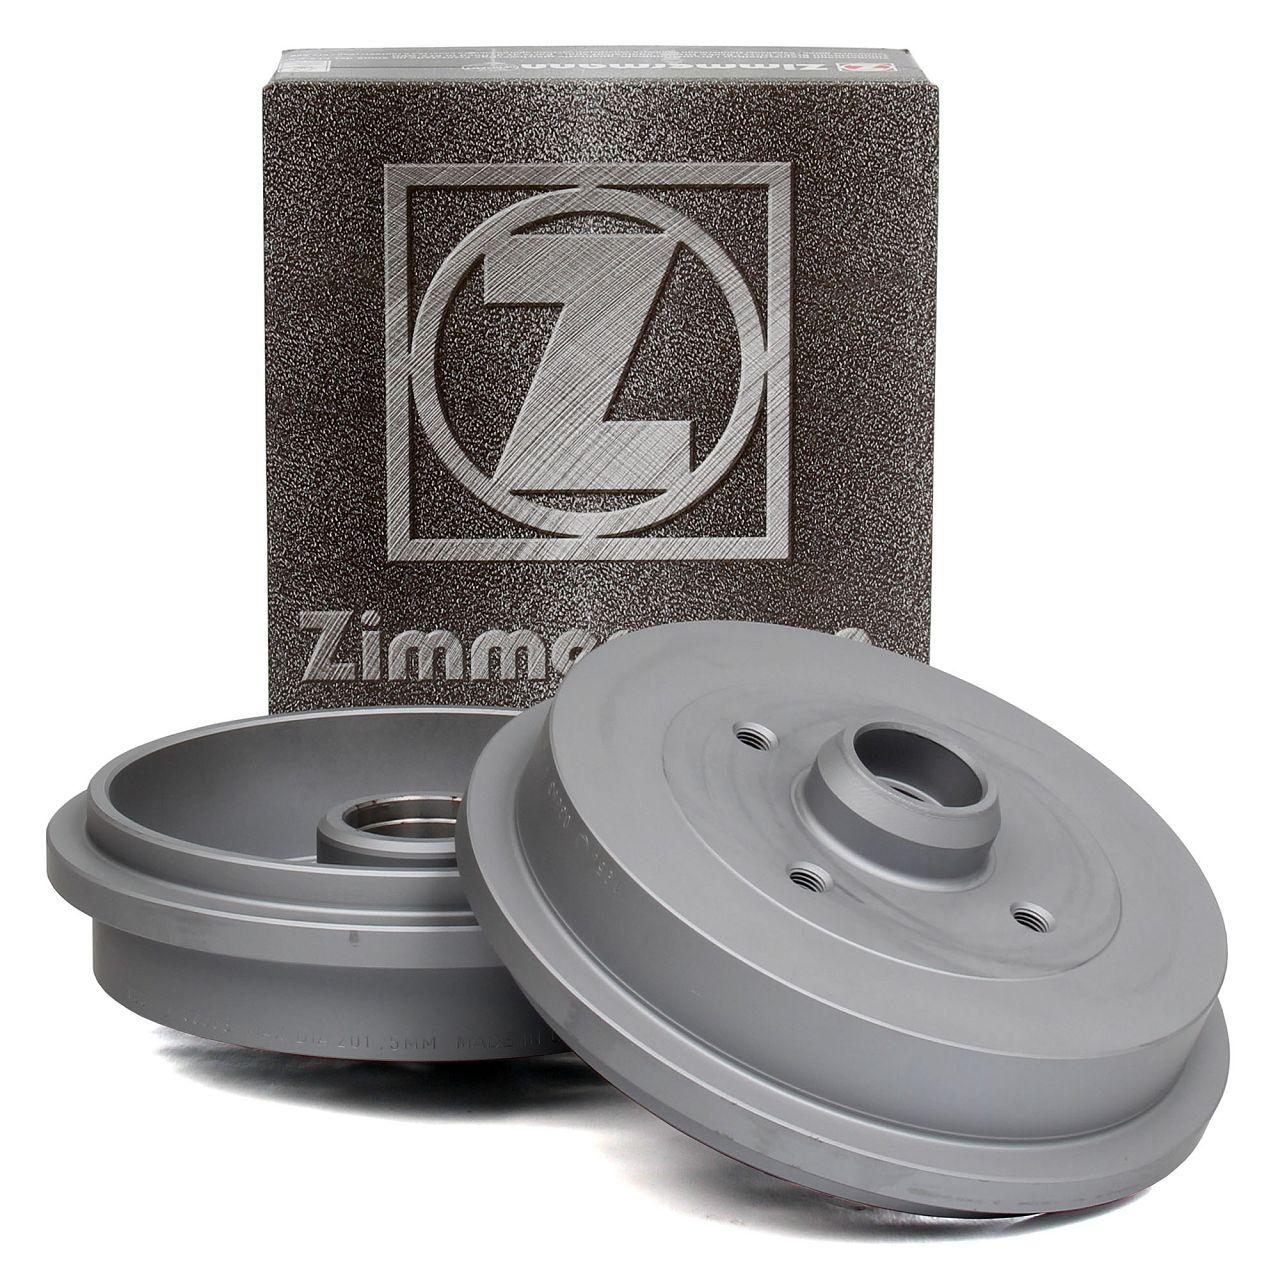 ZIMMERMANN Bremstrommeln für AUDI SEAT IBIZA 2 VW GOLF 2 3 PASSAT POLO hinten